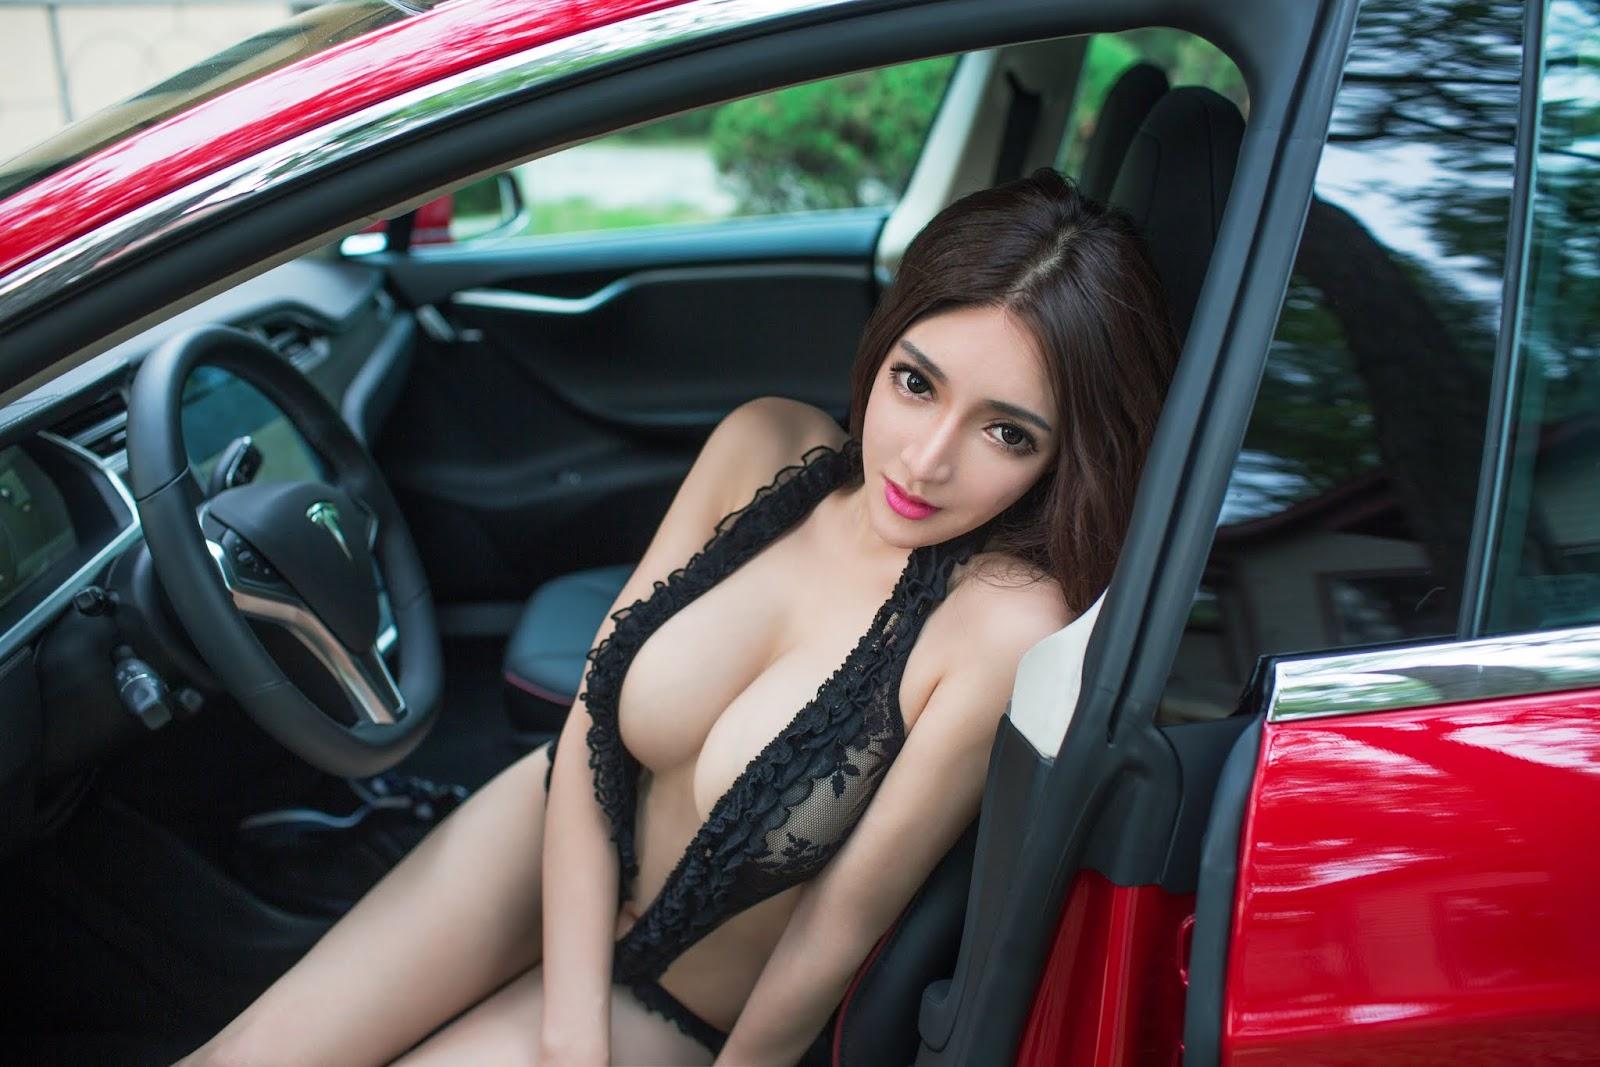 %253D%25C2%25A6%252B%25C2%25A6v 38 - Sexy Nude TUIGIRL NO.39 Big TIts